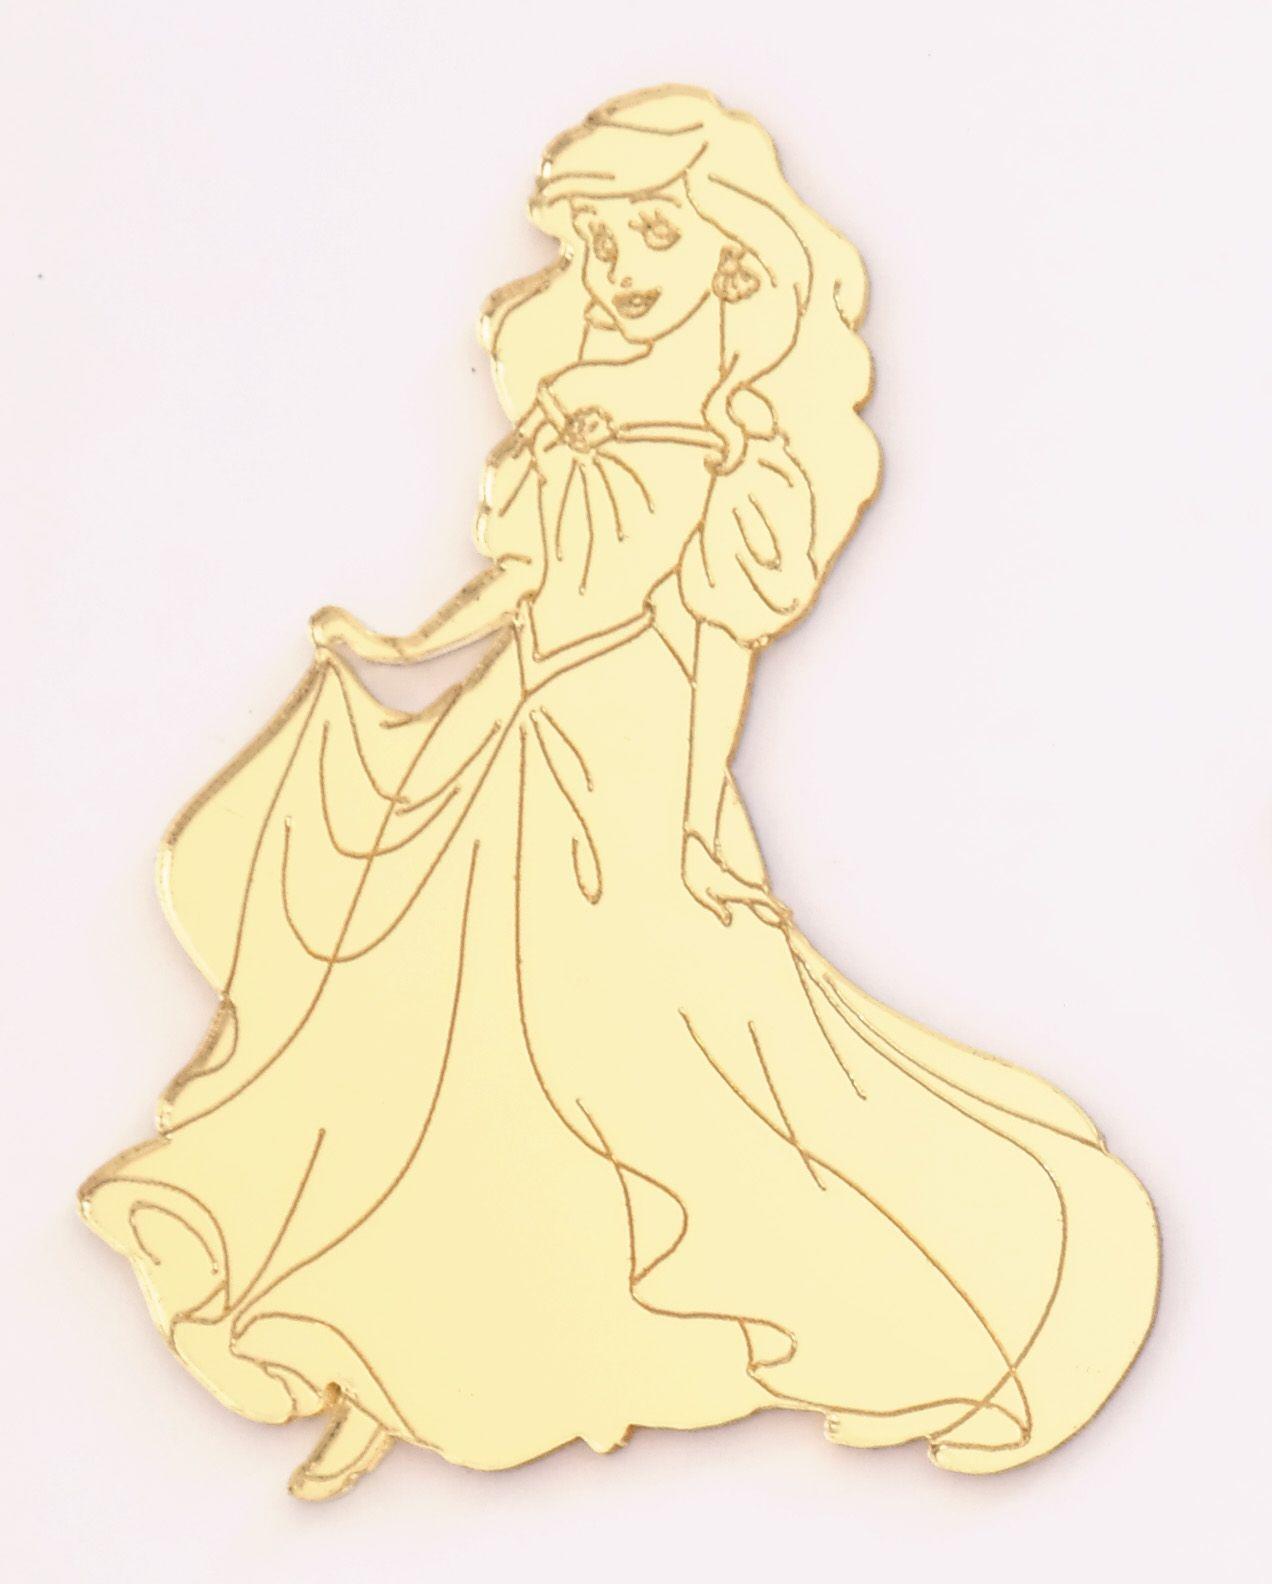 Aplique em acrílico espelhado - Princesa Ariel 01 - 7cm - 10 peças